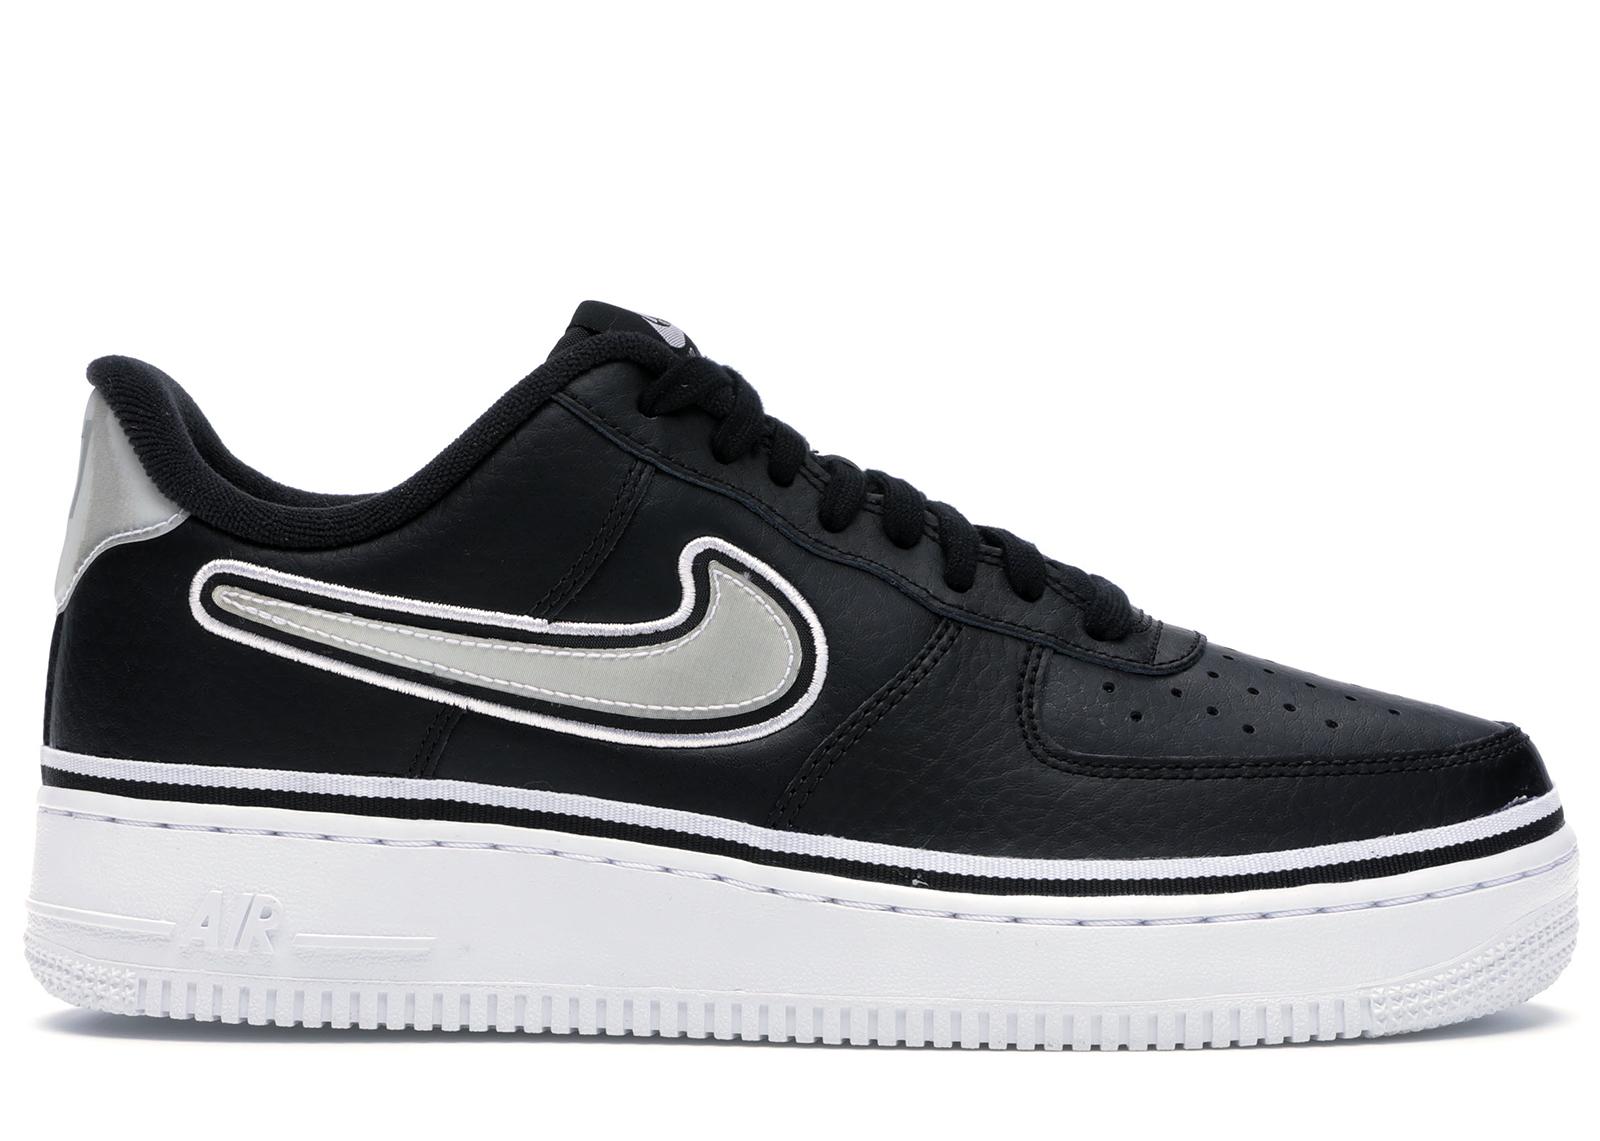 Nike Air Force 1 Low Sport NBA Black White - AJ7748-001